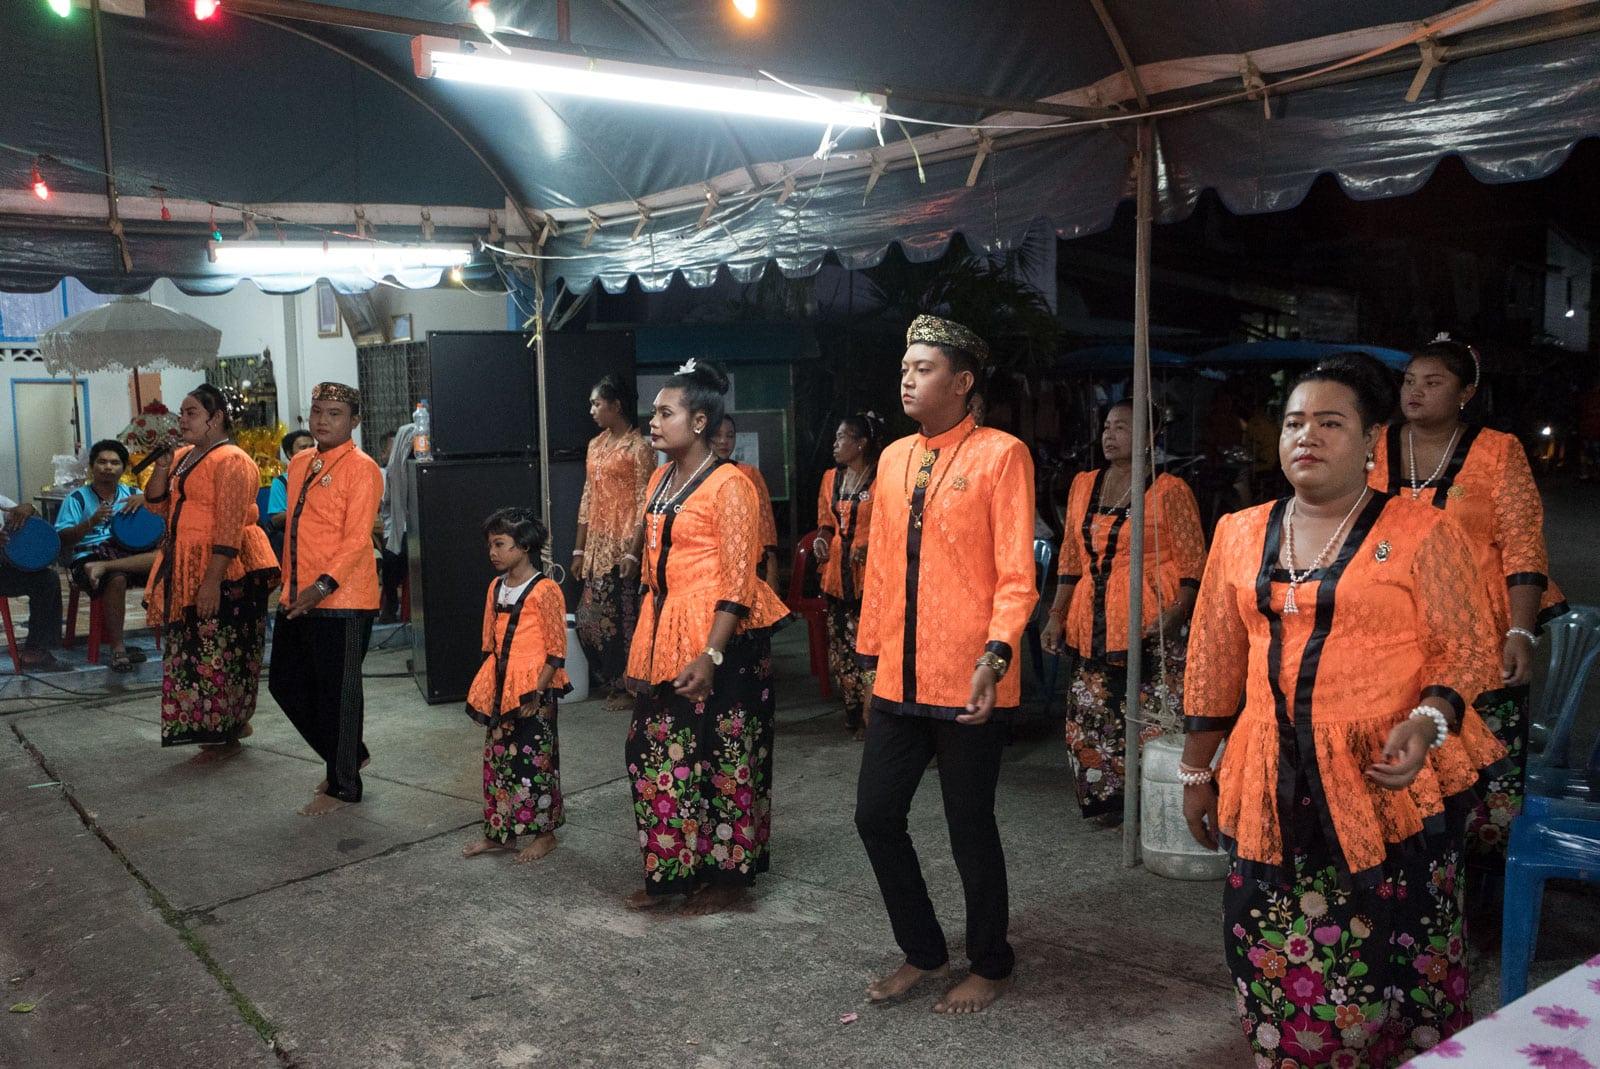 Traditioneller Tanz  auf Bens Mönchsfeier